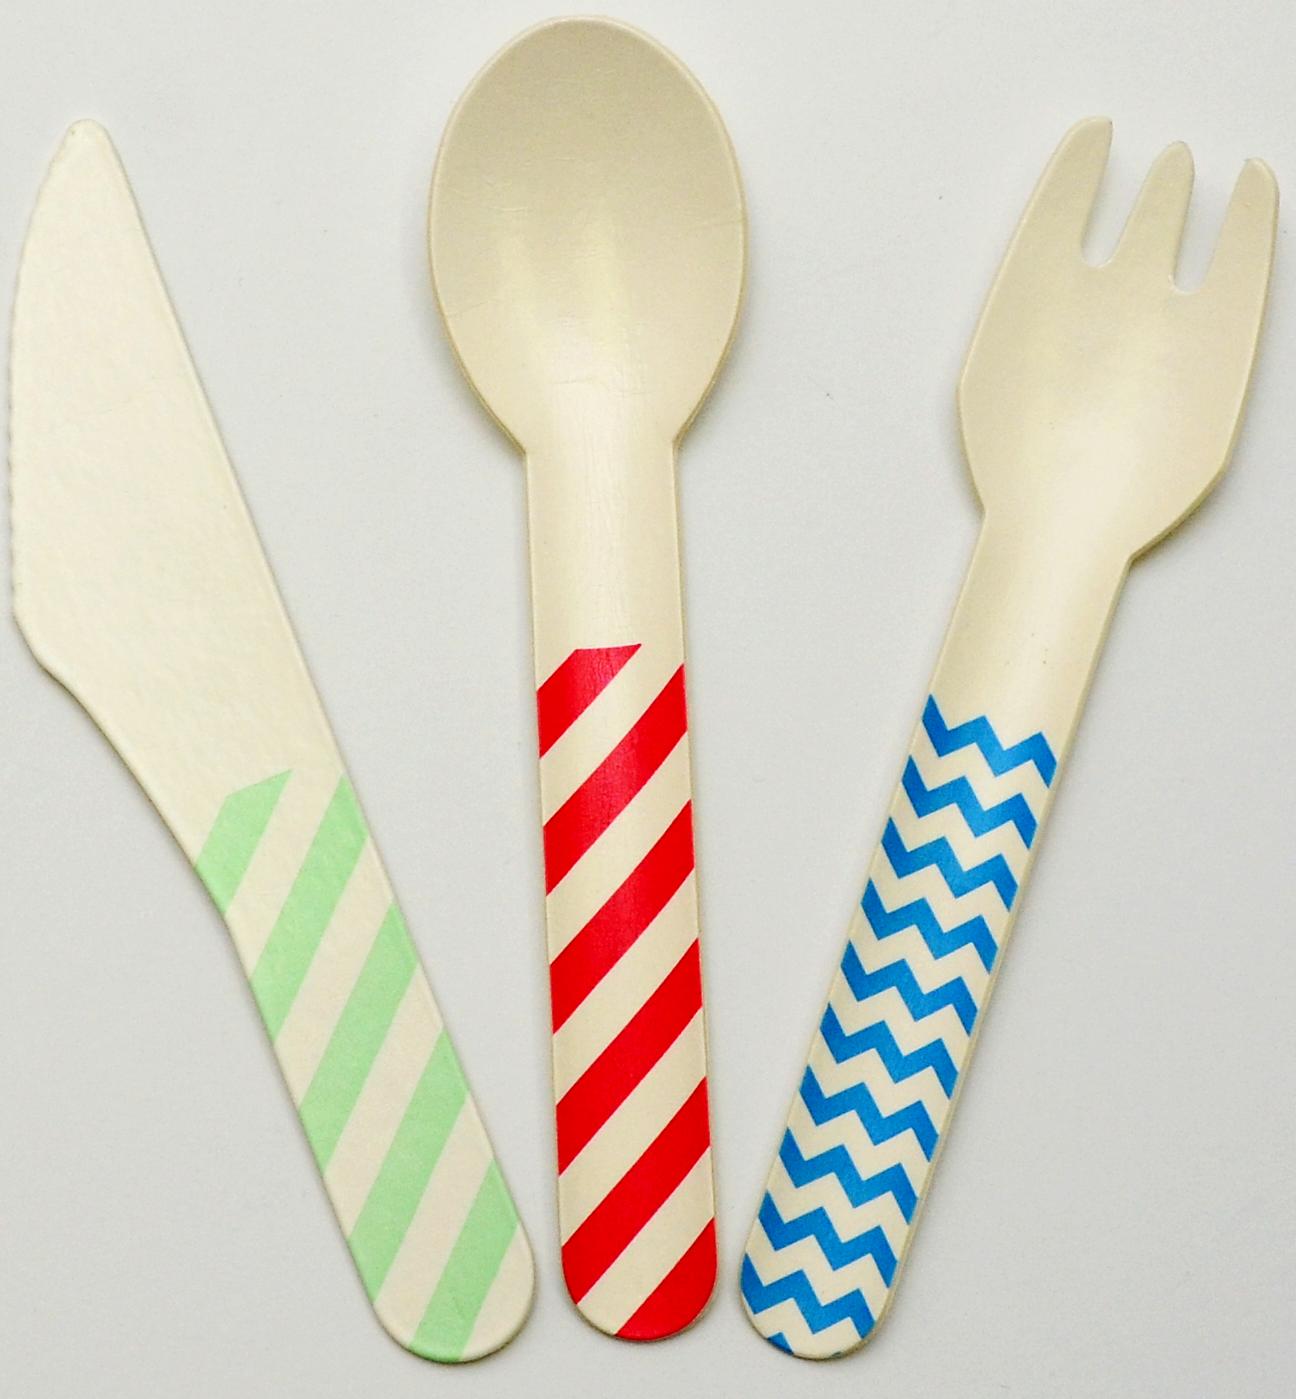 Paper utensil